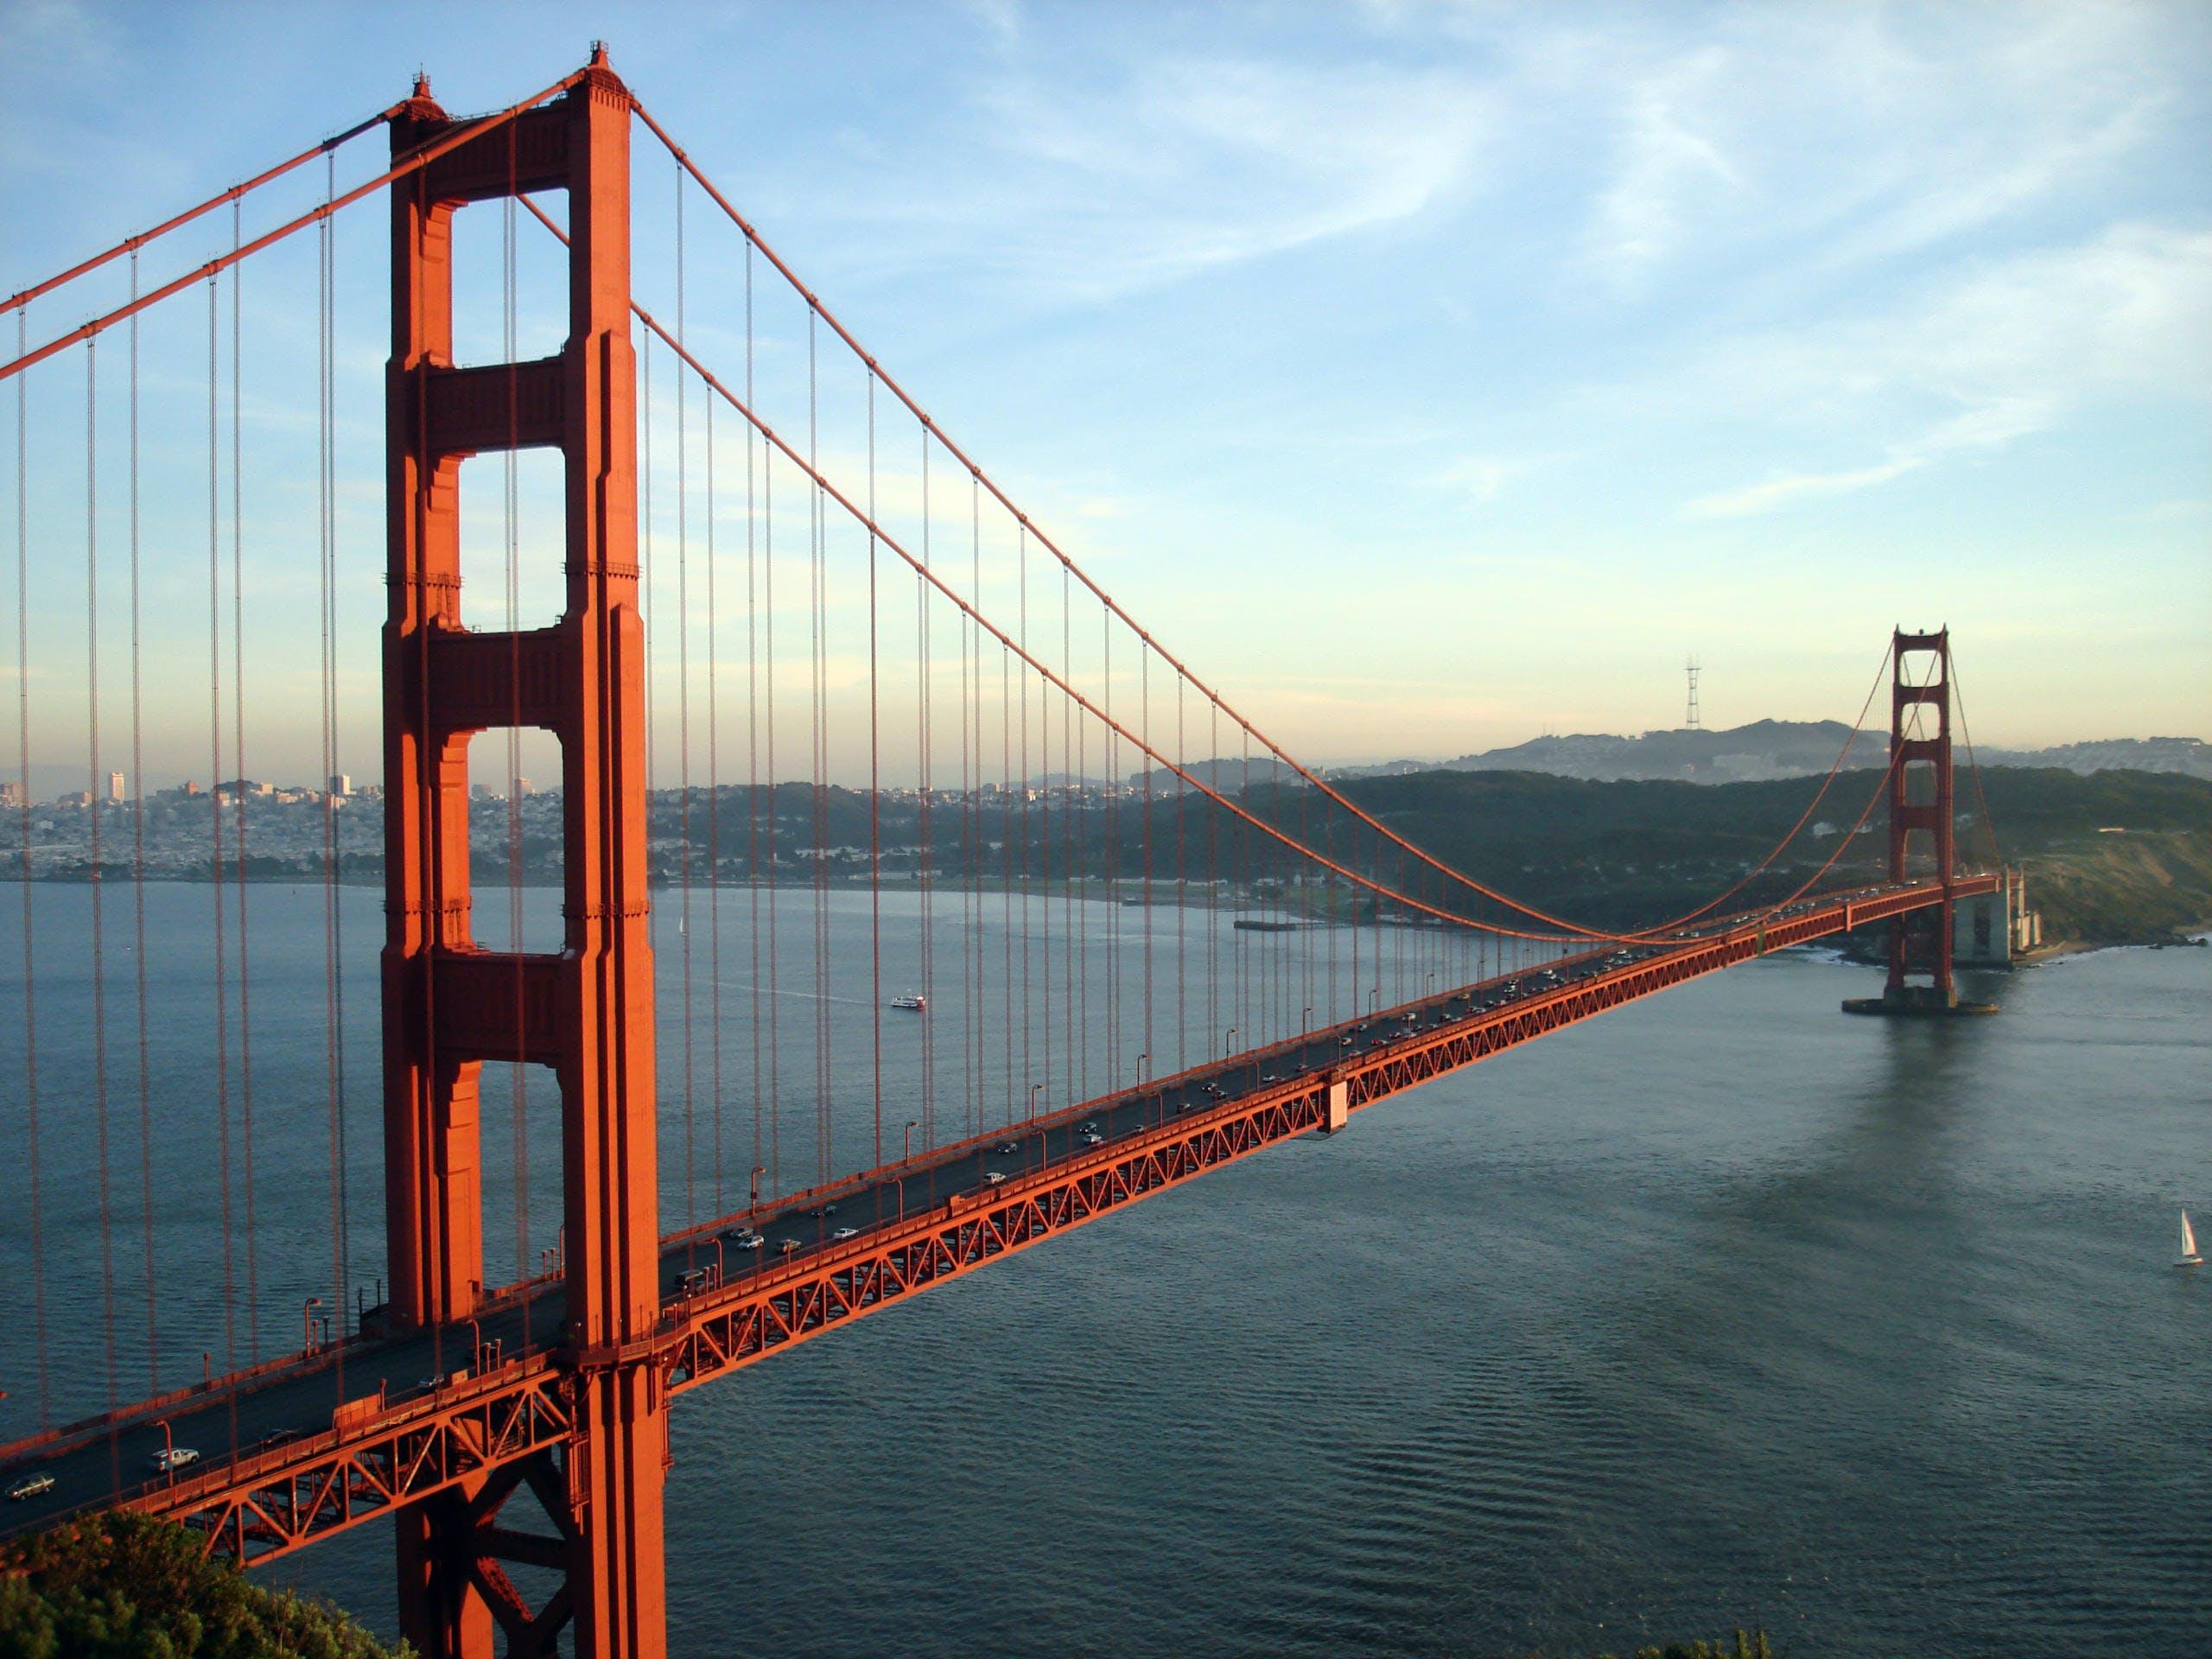 San Francisco Grand City Tour - Tour Photo 2 of 8